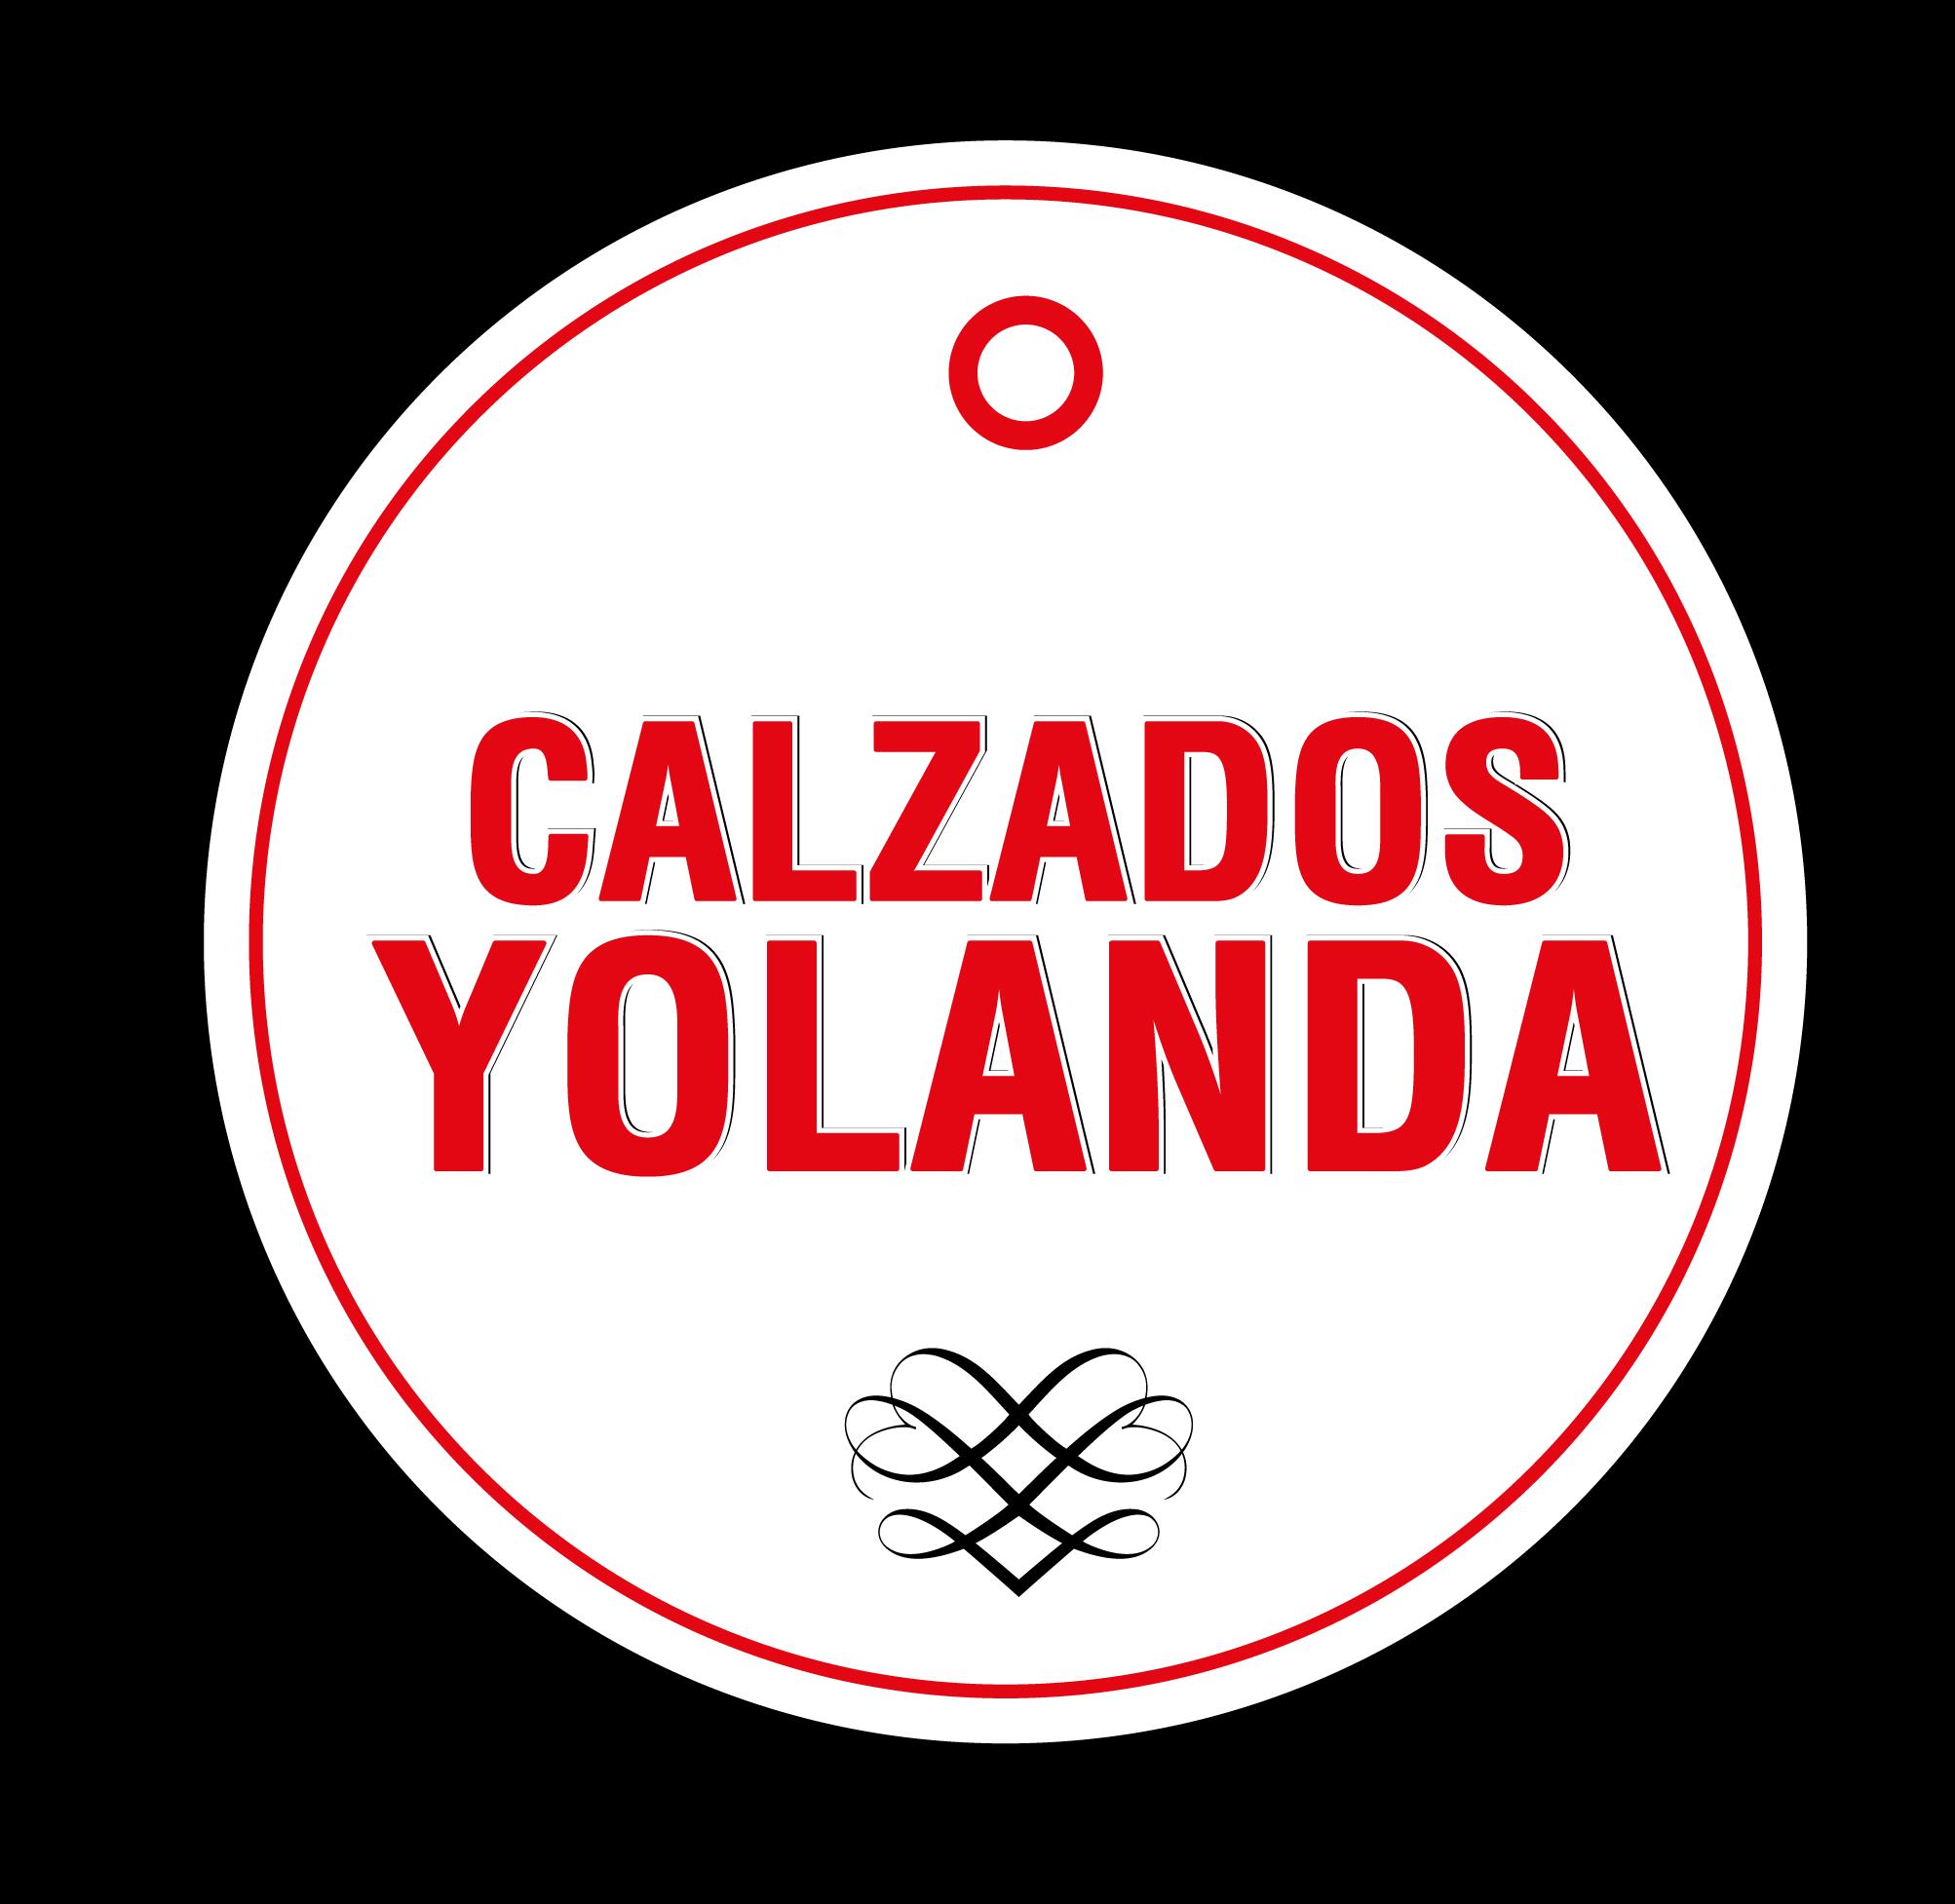 Yolanda Calzados